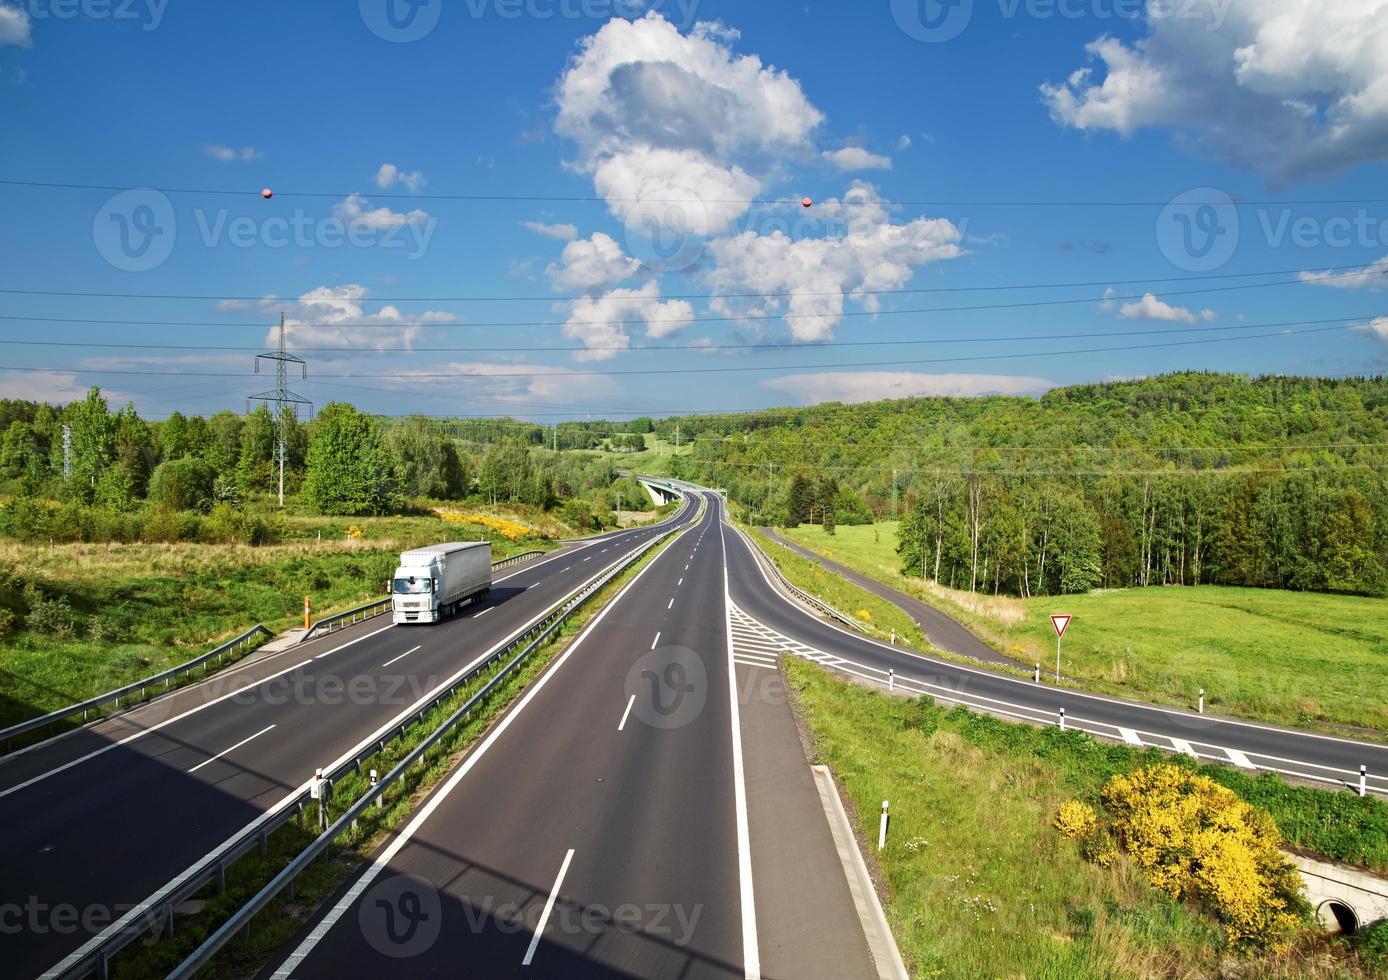 Zufahrtsstraße zur Asphaltstraße zwischen Wäldern. weißer LKW. foto